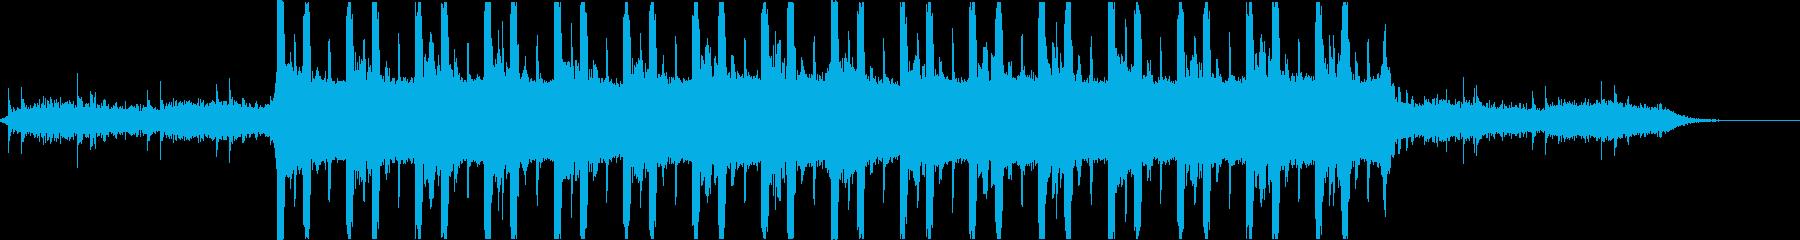 クールでエレクトロでパワフルなビートの再生済みの波形